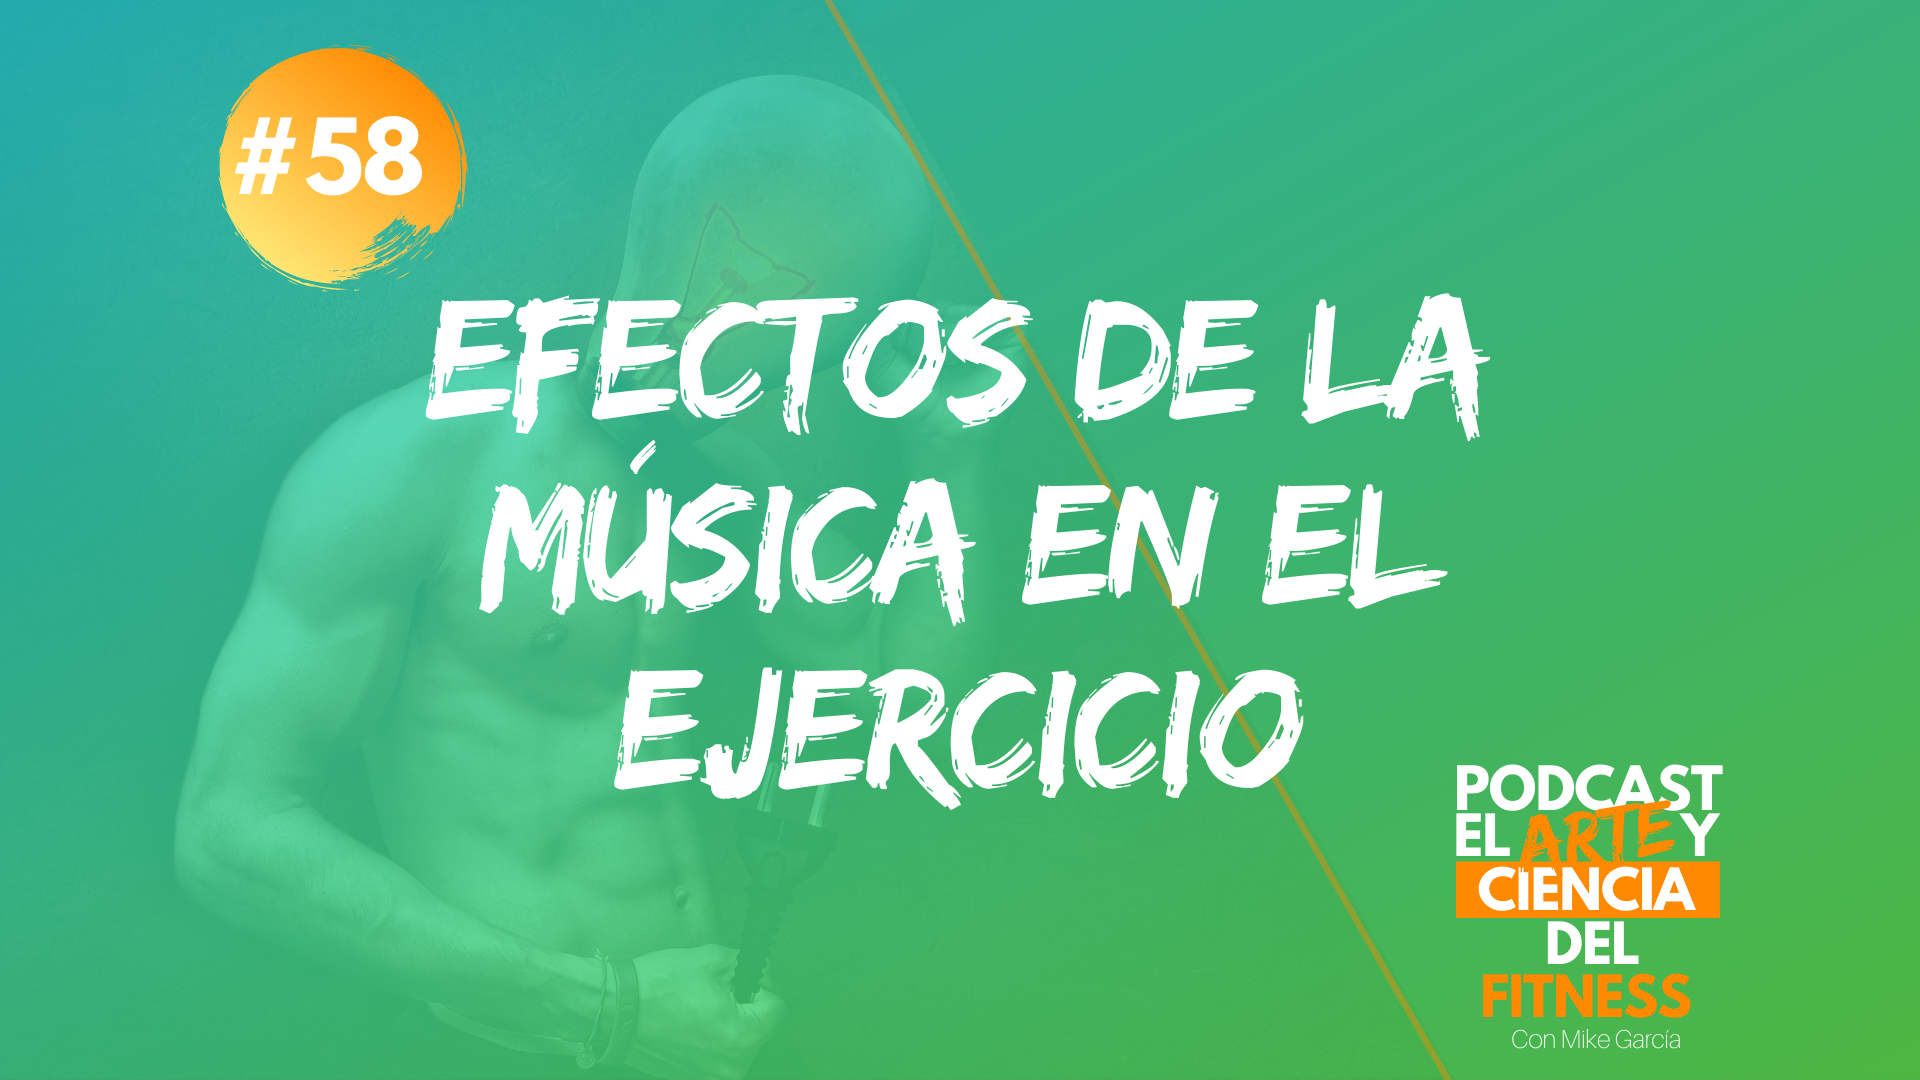 Podcast #58: Efectos De La Música En El Ejercicio